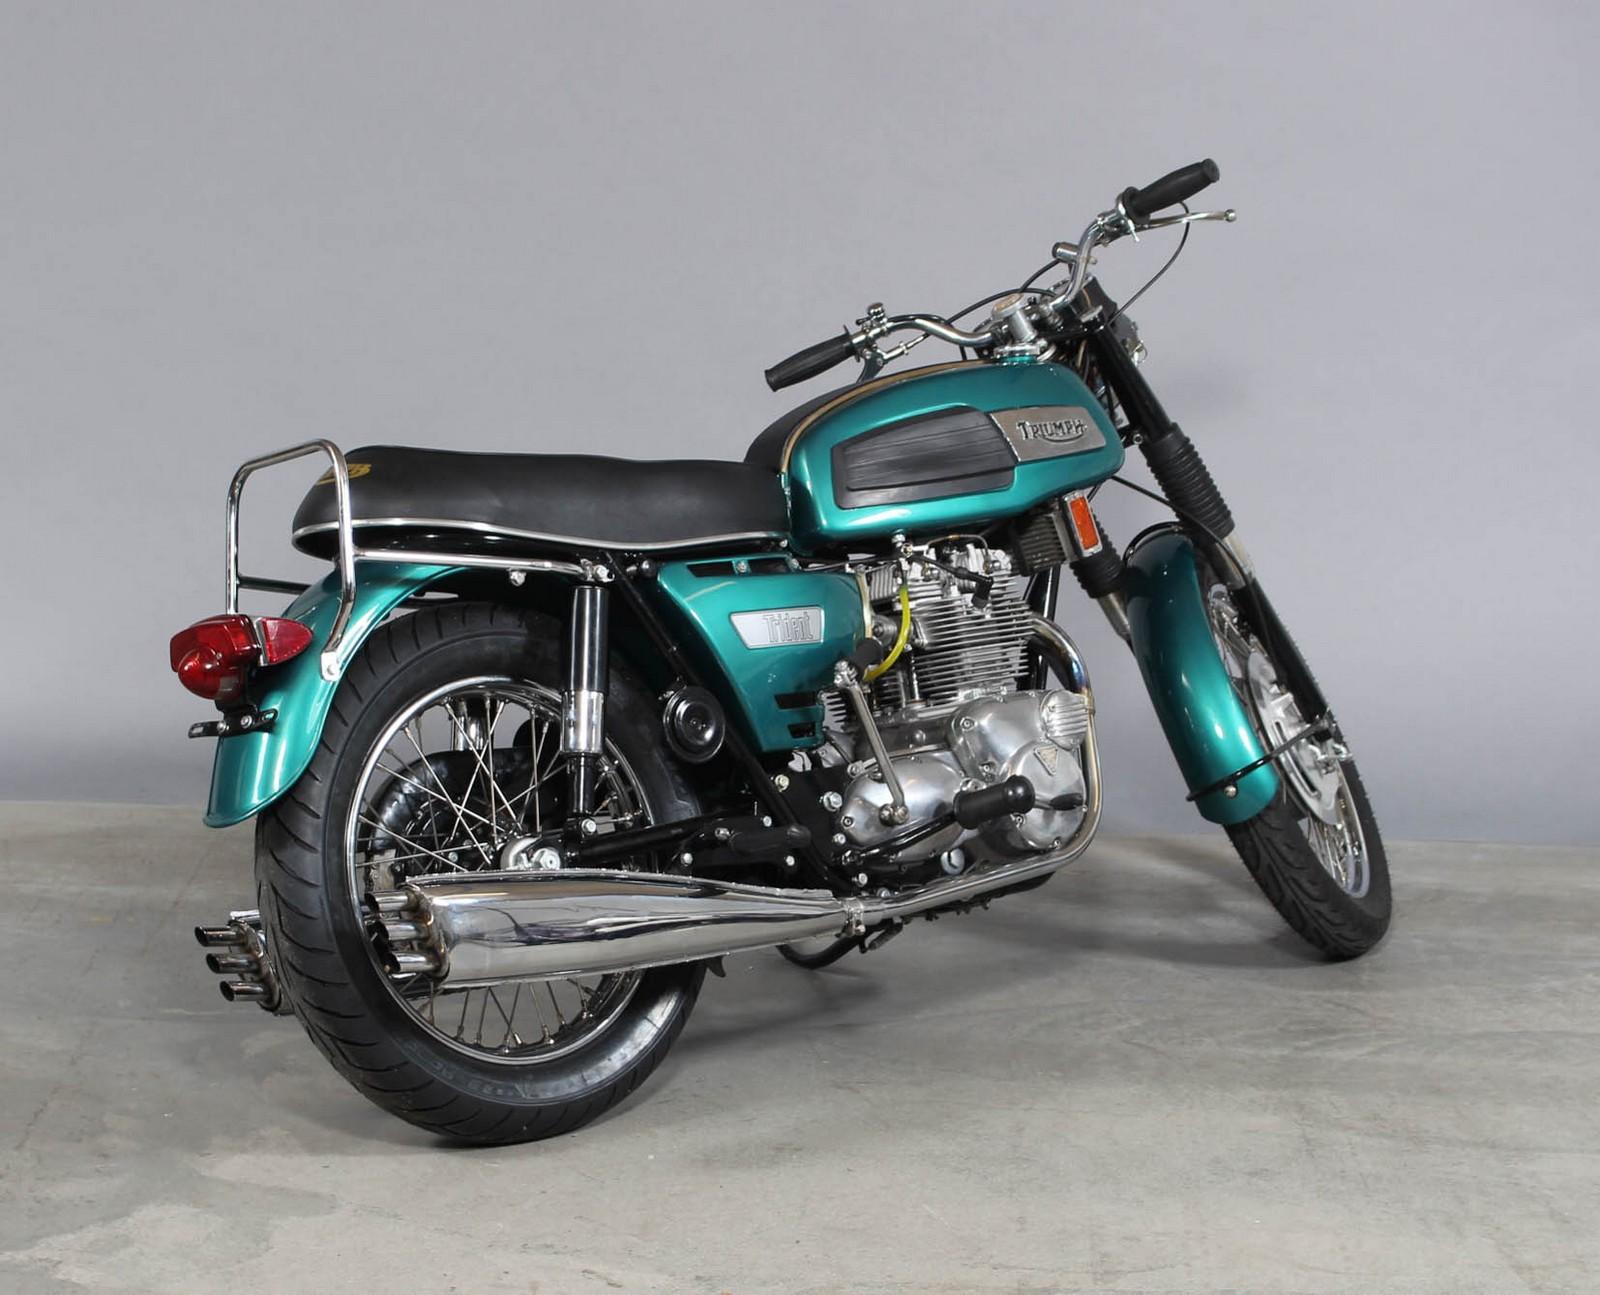 Motorcykel Triumph Trident T 150 årgang 1969 - Triumph Trident T150 Motorcyklen er fra ny solgt i Alabama ,ved Skinners MC Shop. Impoteret til Danmark i 2003. Motorcykledn er renoveret:.Cylindre er boret til første overstørelse og slagvolumen er således på 745cc. Topstykket er renoveret med...